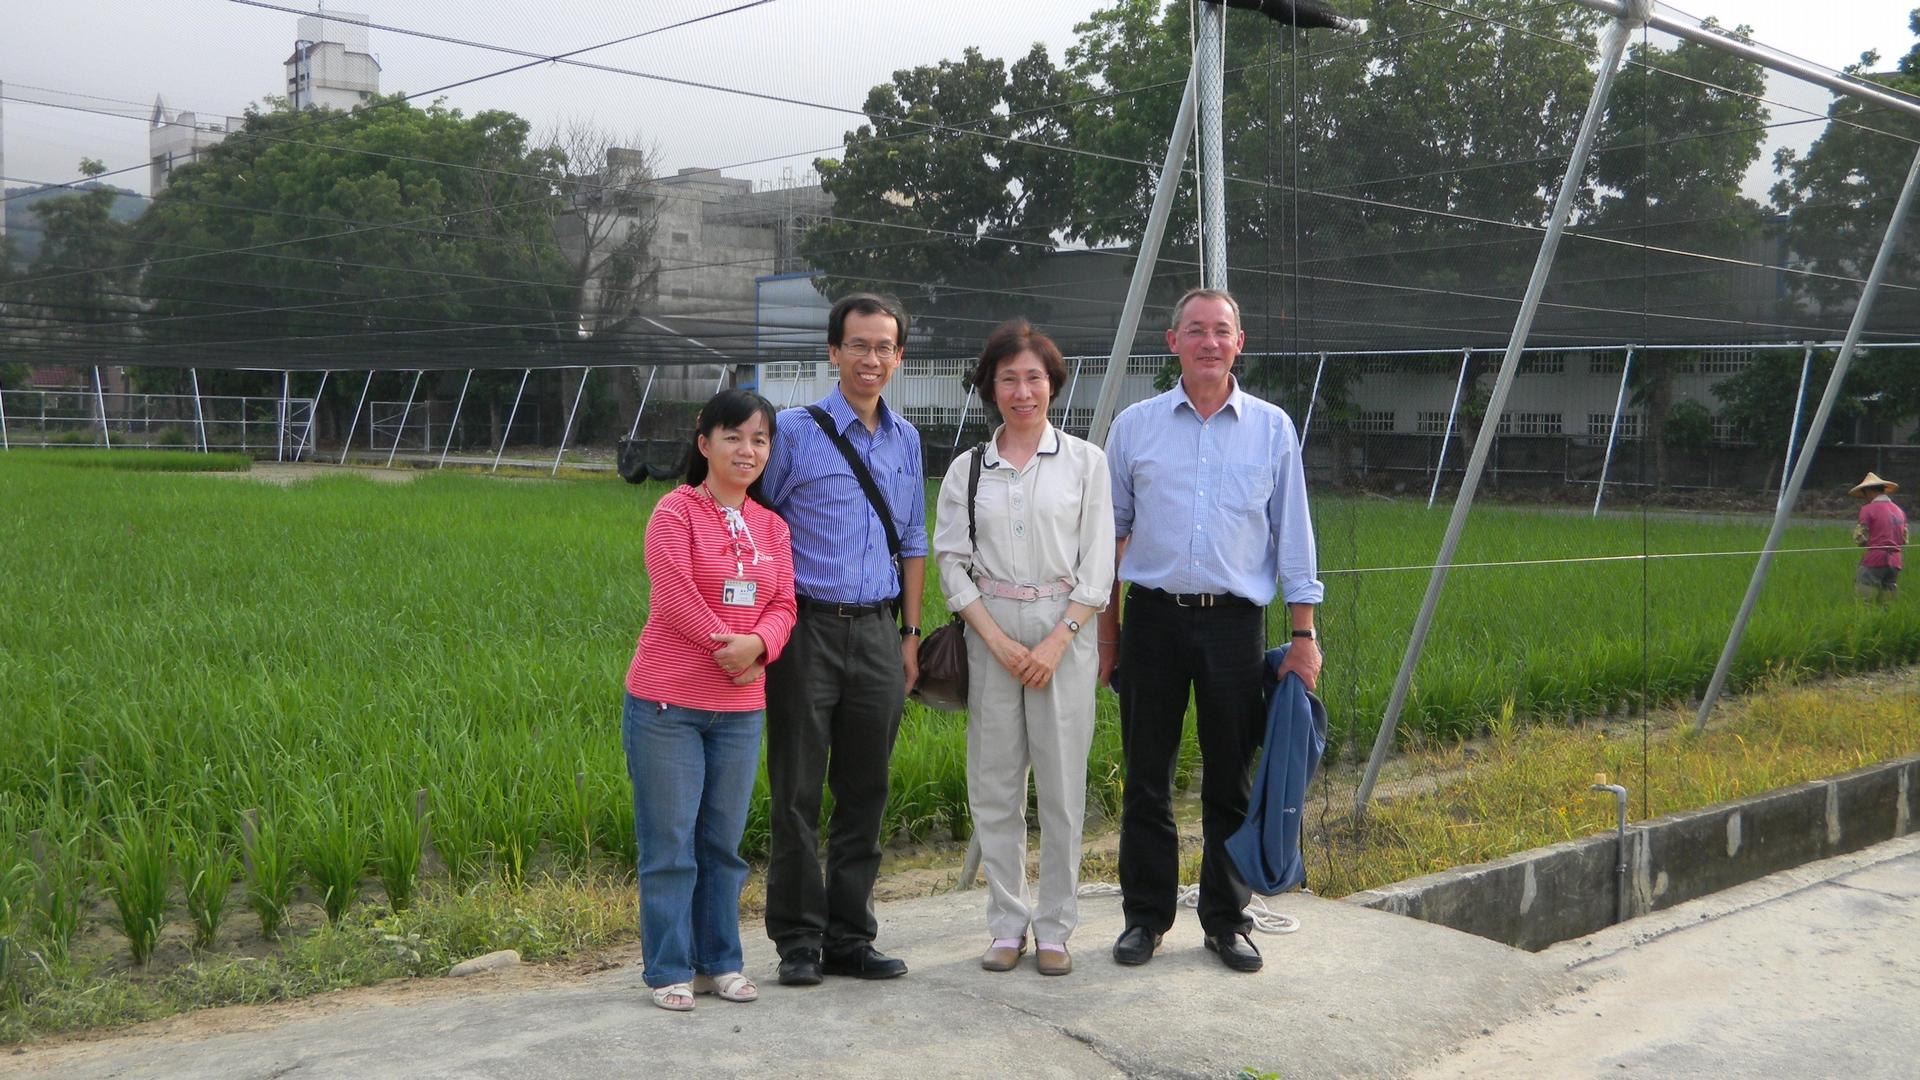 余淑美 (右二) 以及來自國際稻米研究中心的 C4 計畫第一到第三期的總主持人(右一)、國際稻米研究中心訪問學者(左二)、學生羅舜芳博士(左一),於水稻實驗水田旁合影。 圖片來源│余淑美